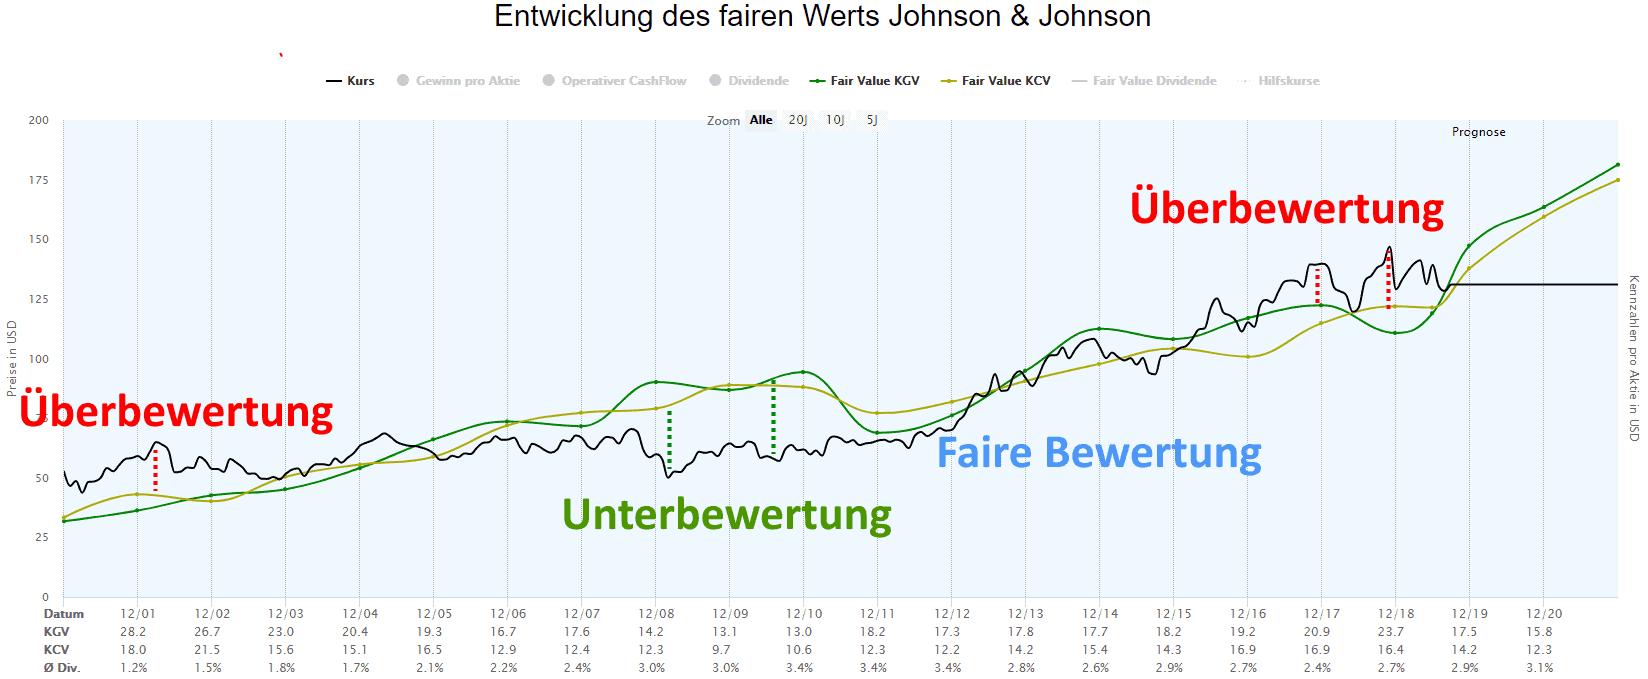 Über- und Unterbewertung der Johnson und Johnson Aktie im Zeitverlauf